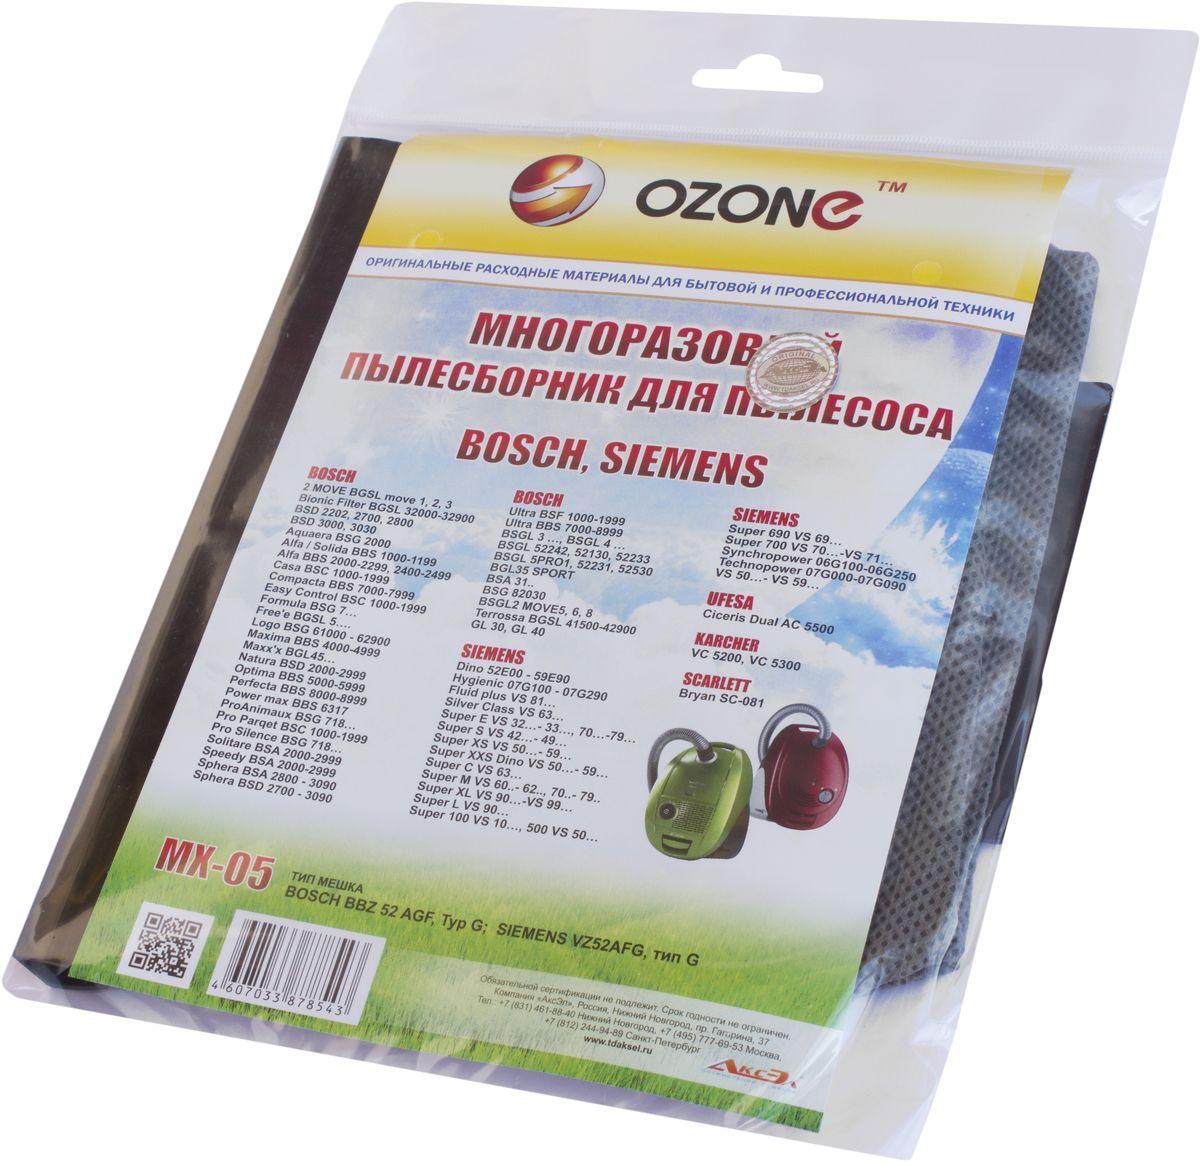 Ozone MX-05 пылесборник для пылесосов BoschMX-05Многоразовый синтетический пылесборник Ozone microne multiplex MX-05 предназначен для бытового использования. Пылесборник Ozone соответствуют высоким стандартам качества. Благодаря использованию специального четырехслойного синтетического материала, пылесборник Ozone microne multiplex MX-05 обладает высочайшей степенью фильтрации и повышенной прочностью. Серия Micron задерживает мельчайшие частицы пыли и пыльцы. Ozone microne multiplex MX-05 выдерживает нагрузку до 30кг., а так же выполняется 100% заполняемость мешка.